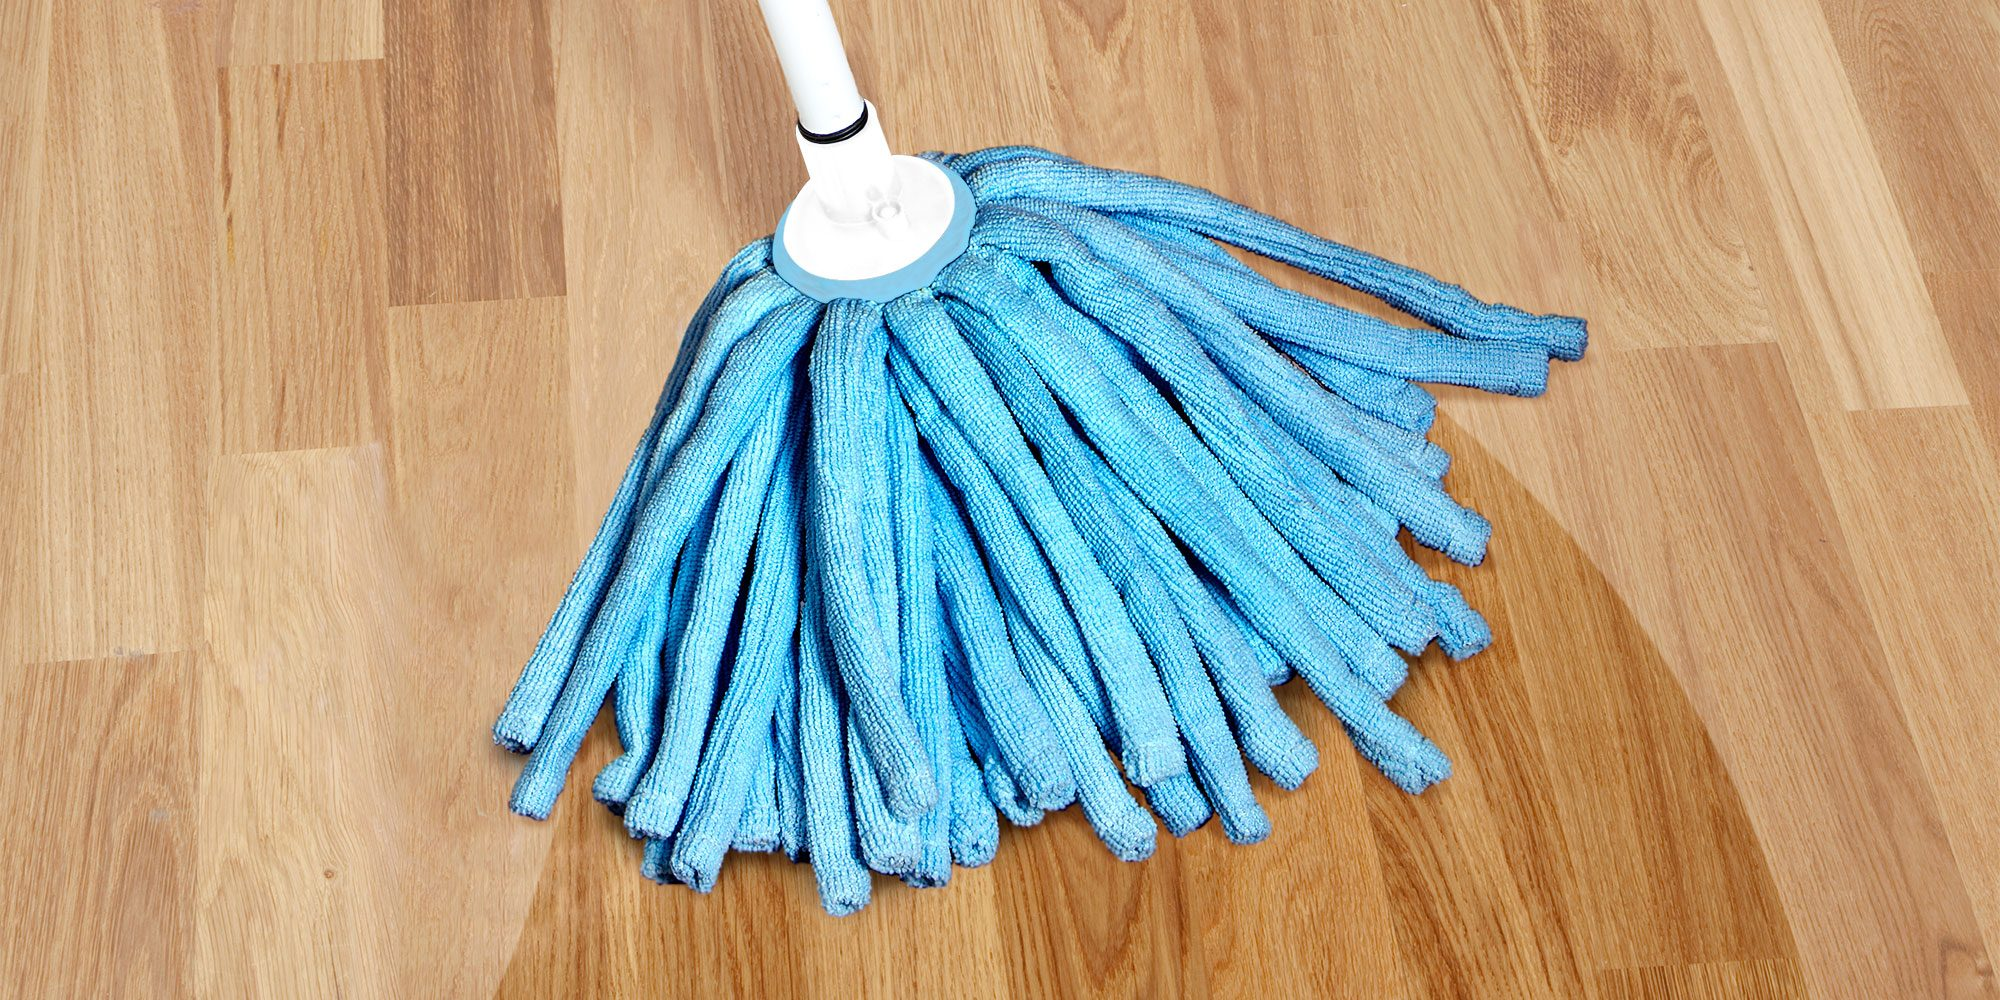 Smart mop – Smart Microfiber